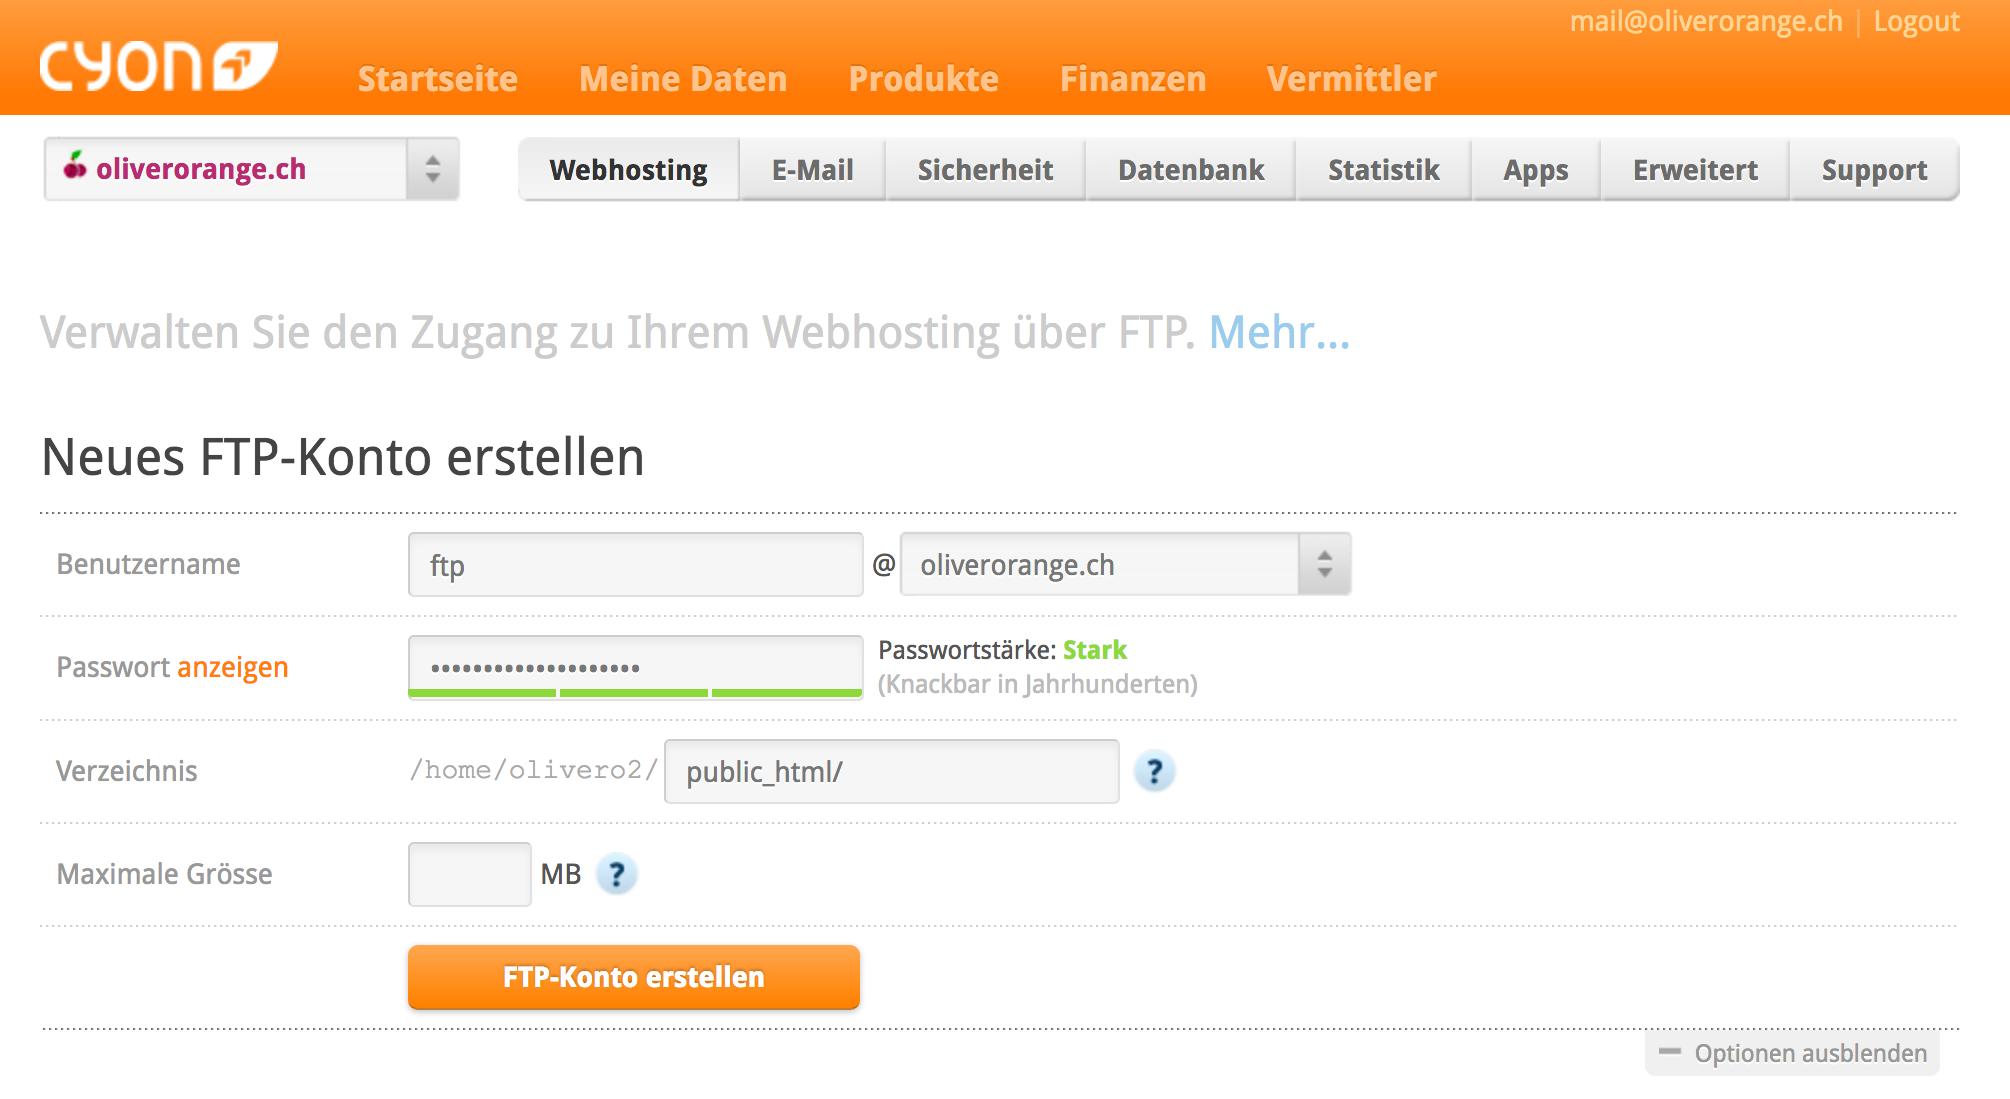 Neues FTP-Konto erstellen